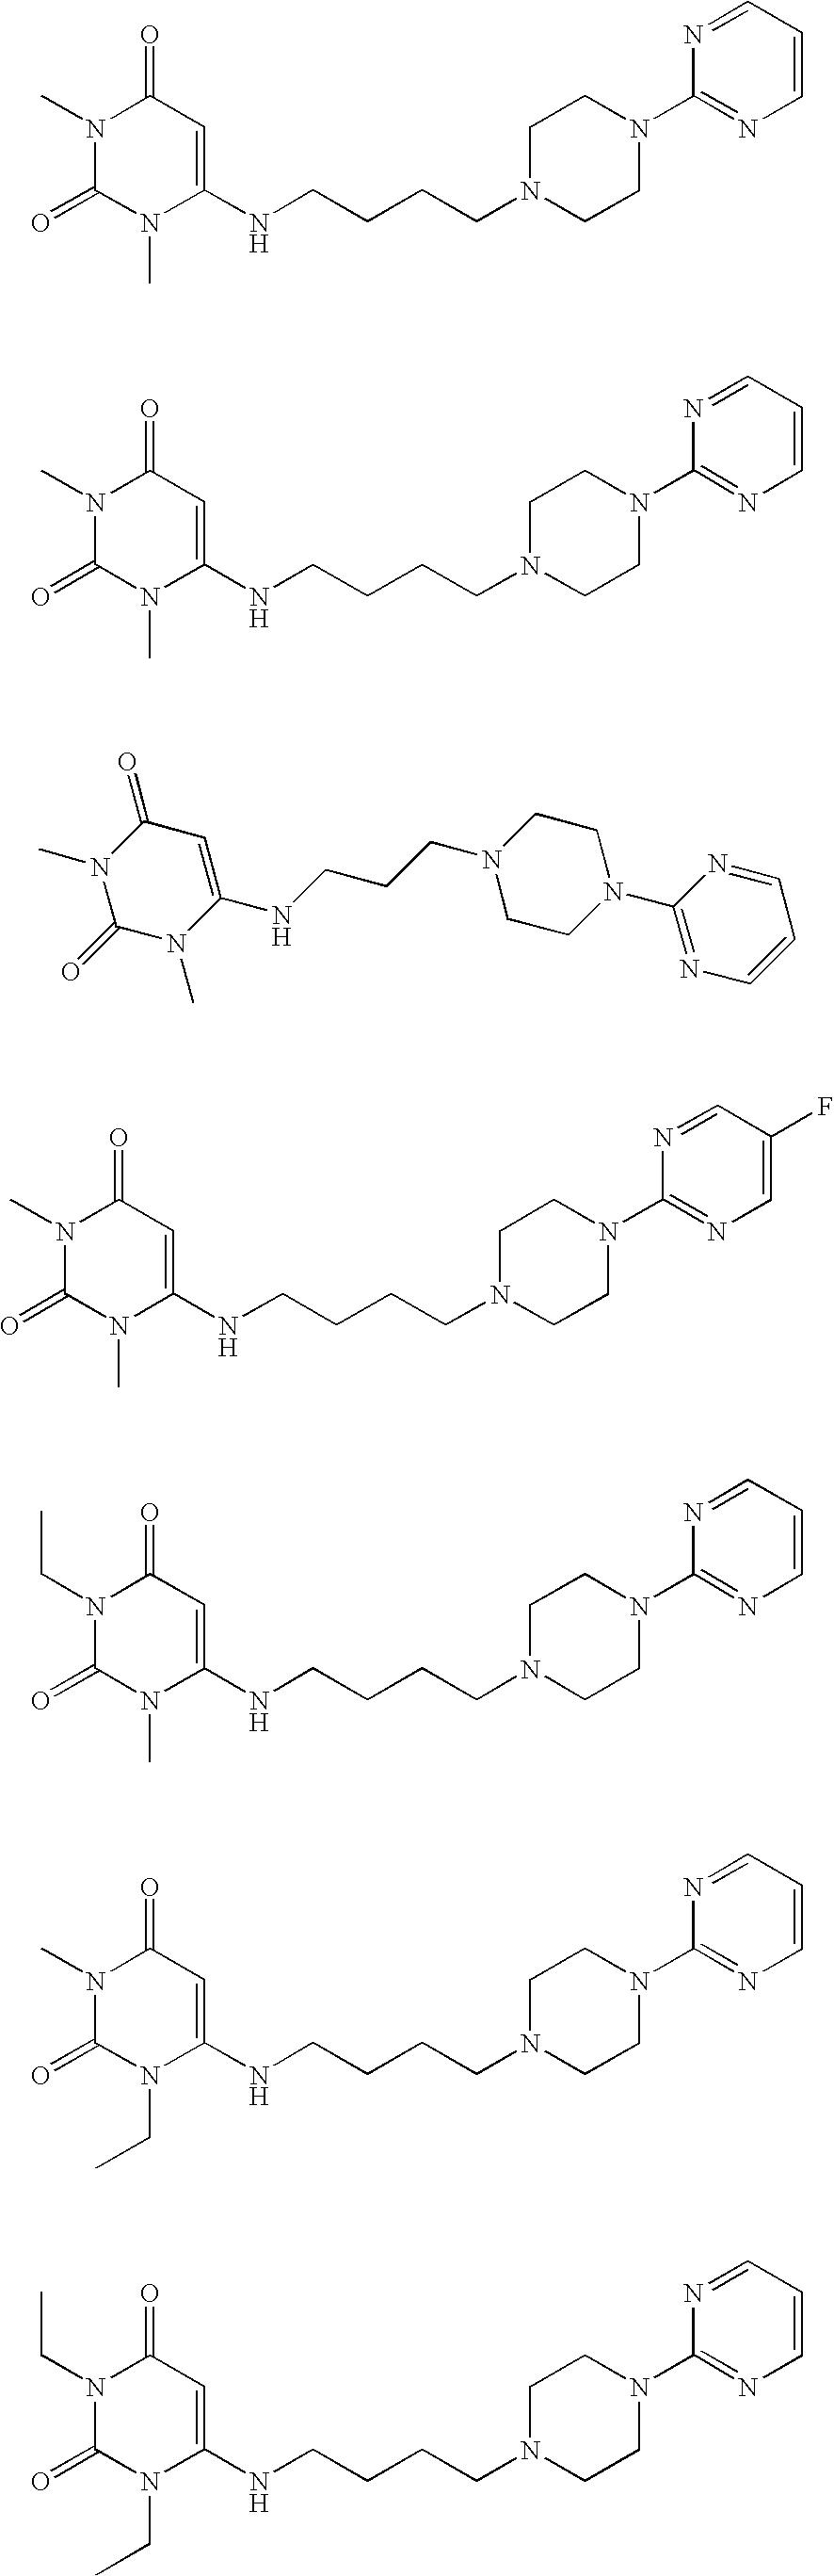 Figure US20100009983A1-20100114-C00066